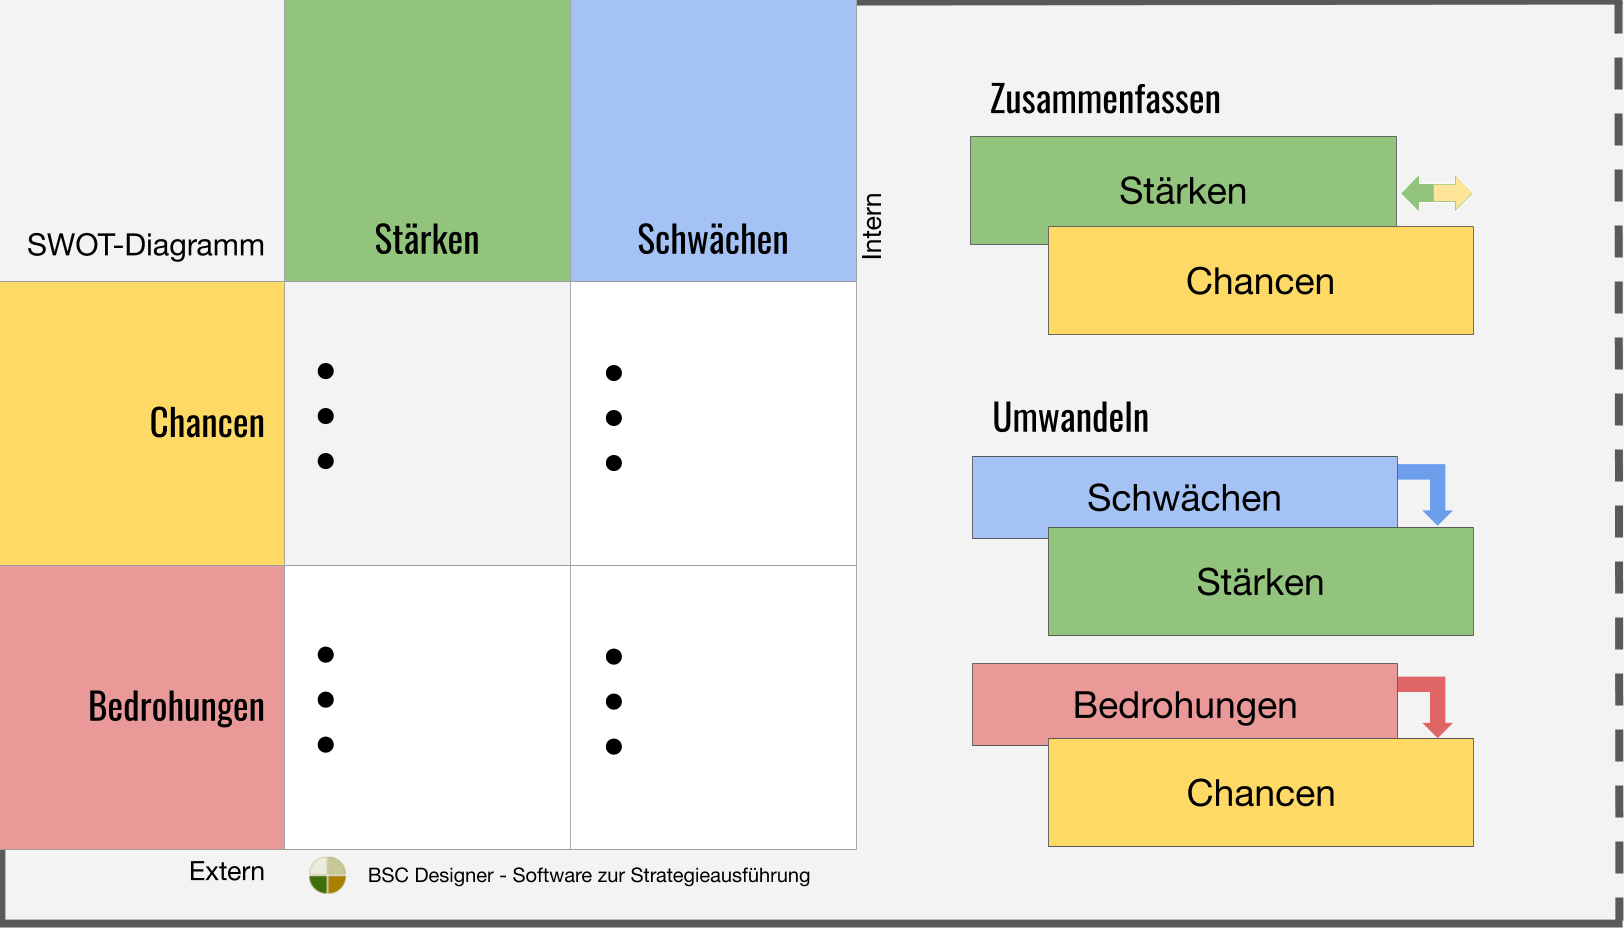 SWOT-Diagramm: Zusammenfassen oder umwandeln